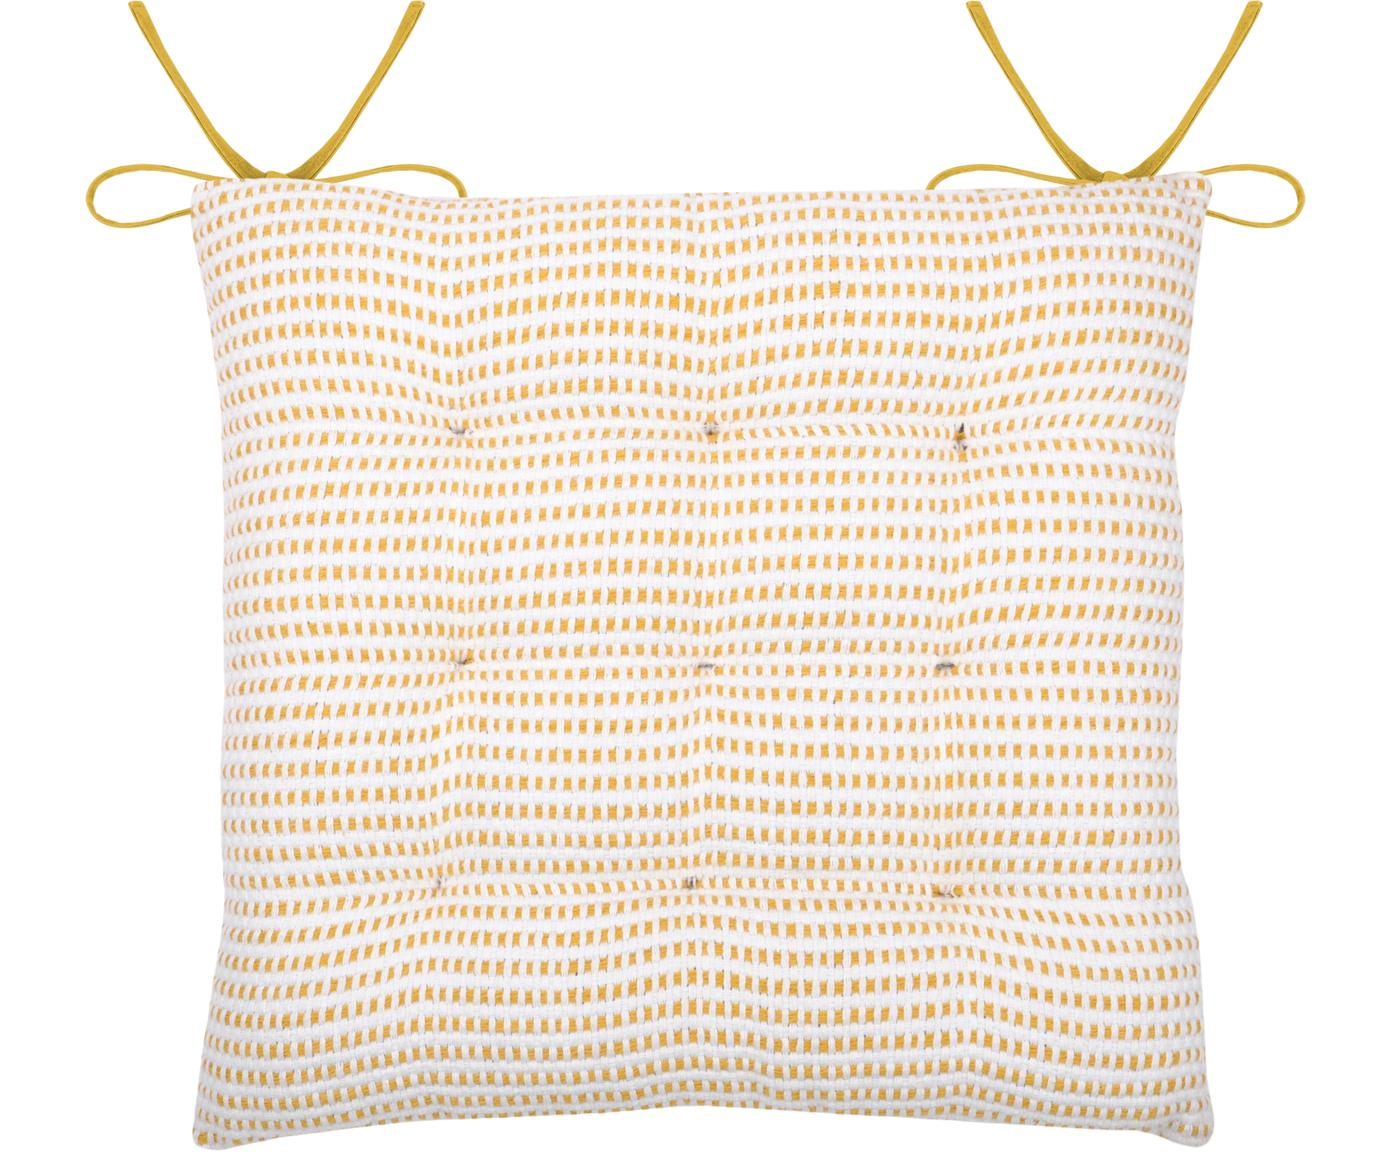 Sitzauflage Salamanca in Gelb/Weiß, 100% Baumwolle, Weiß, Gelb, 40 x 40 cm